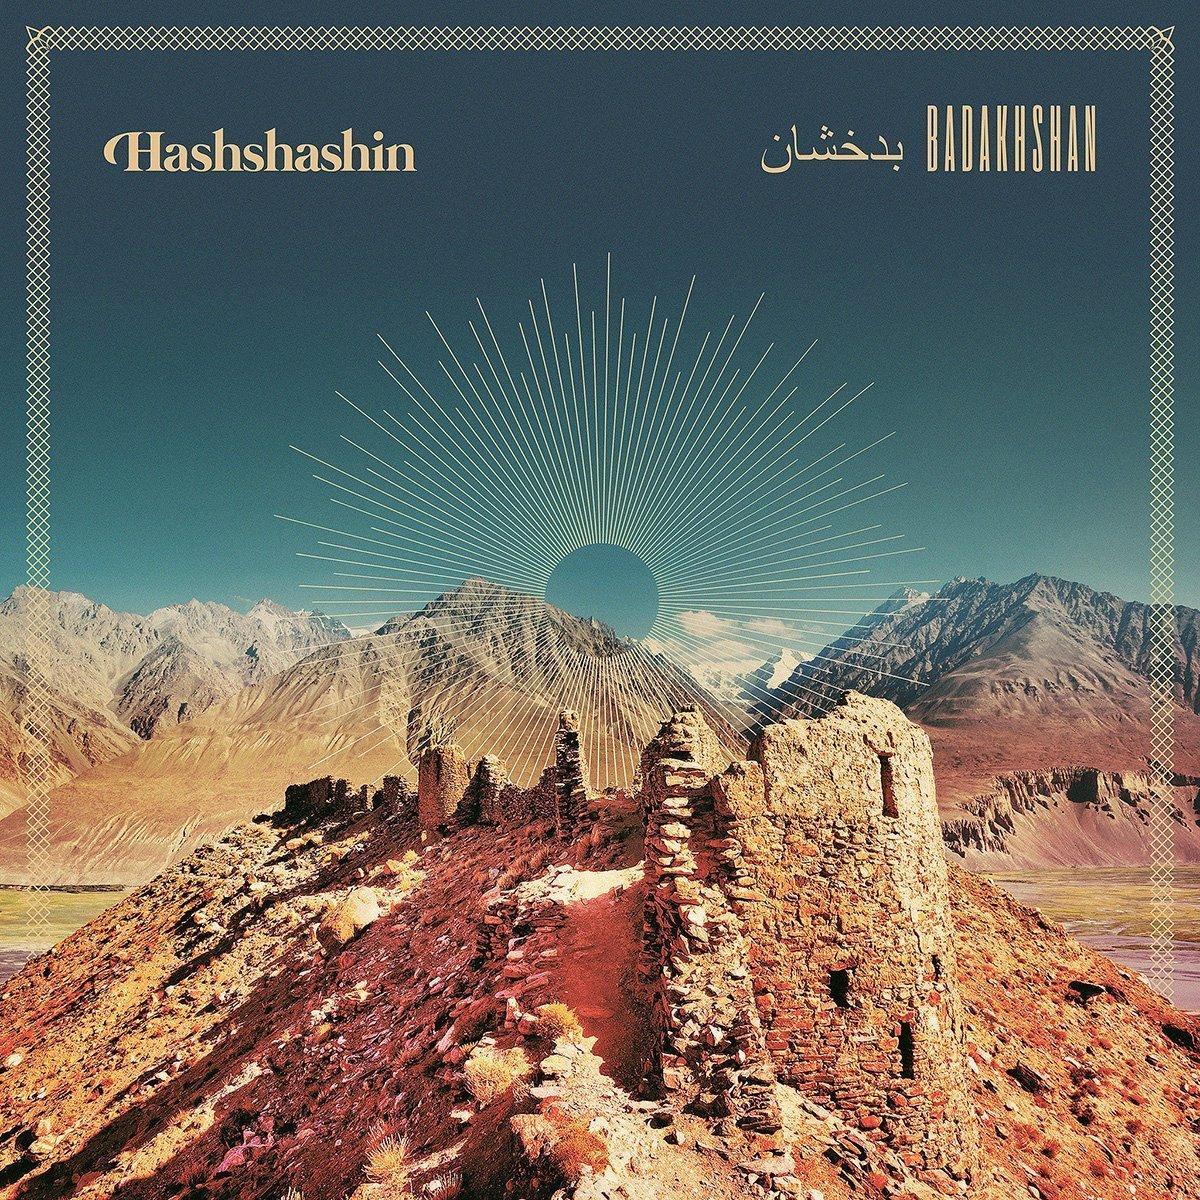 Hashshashin – Badakhshan